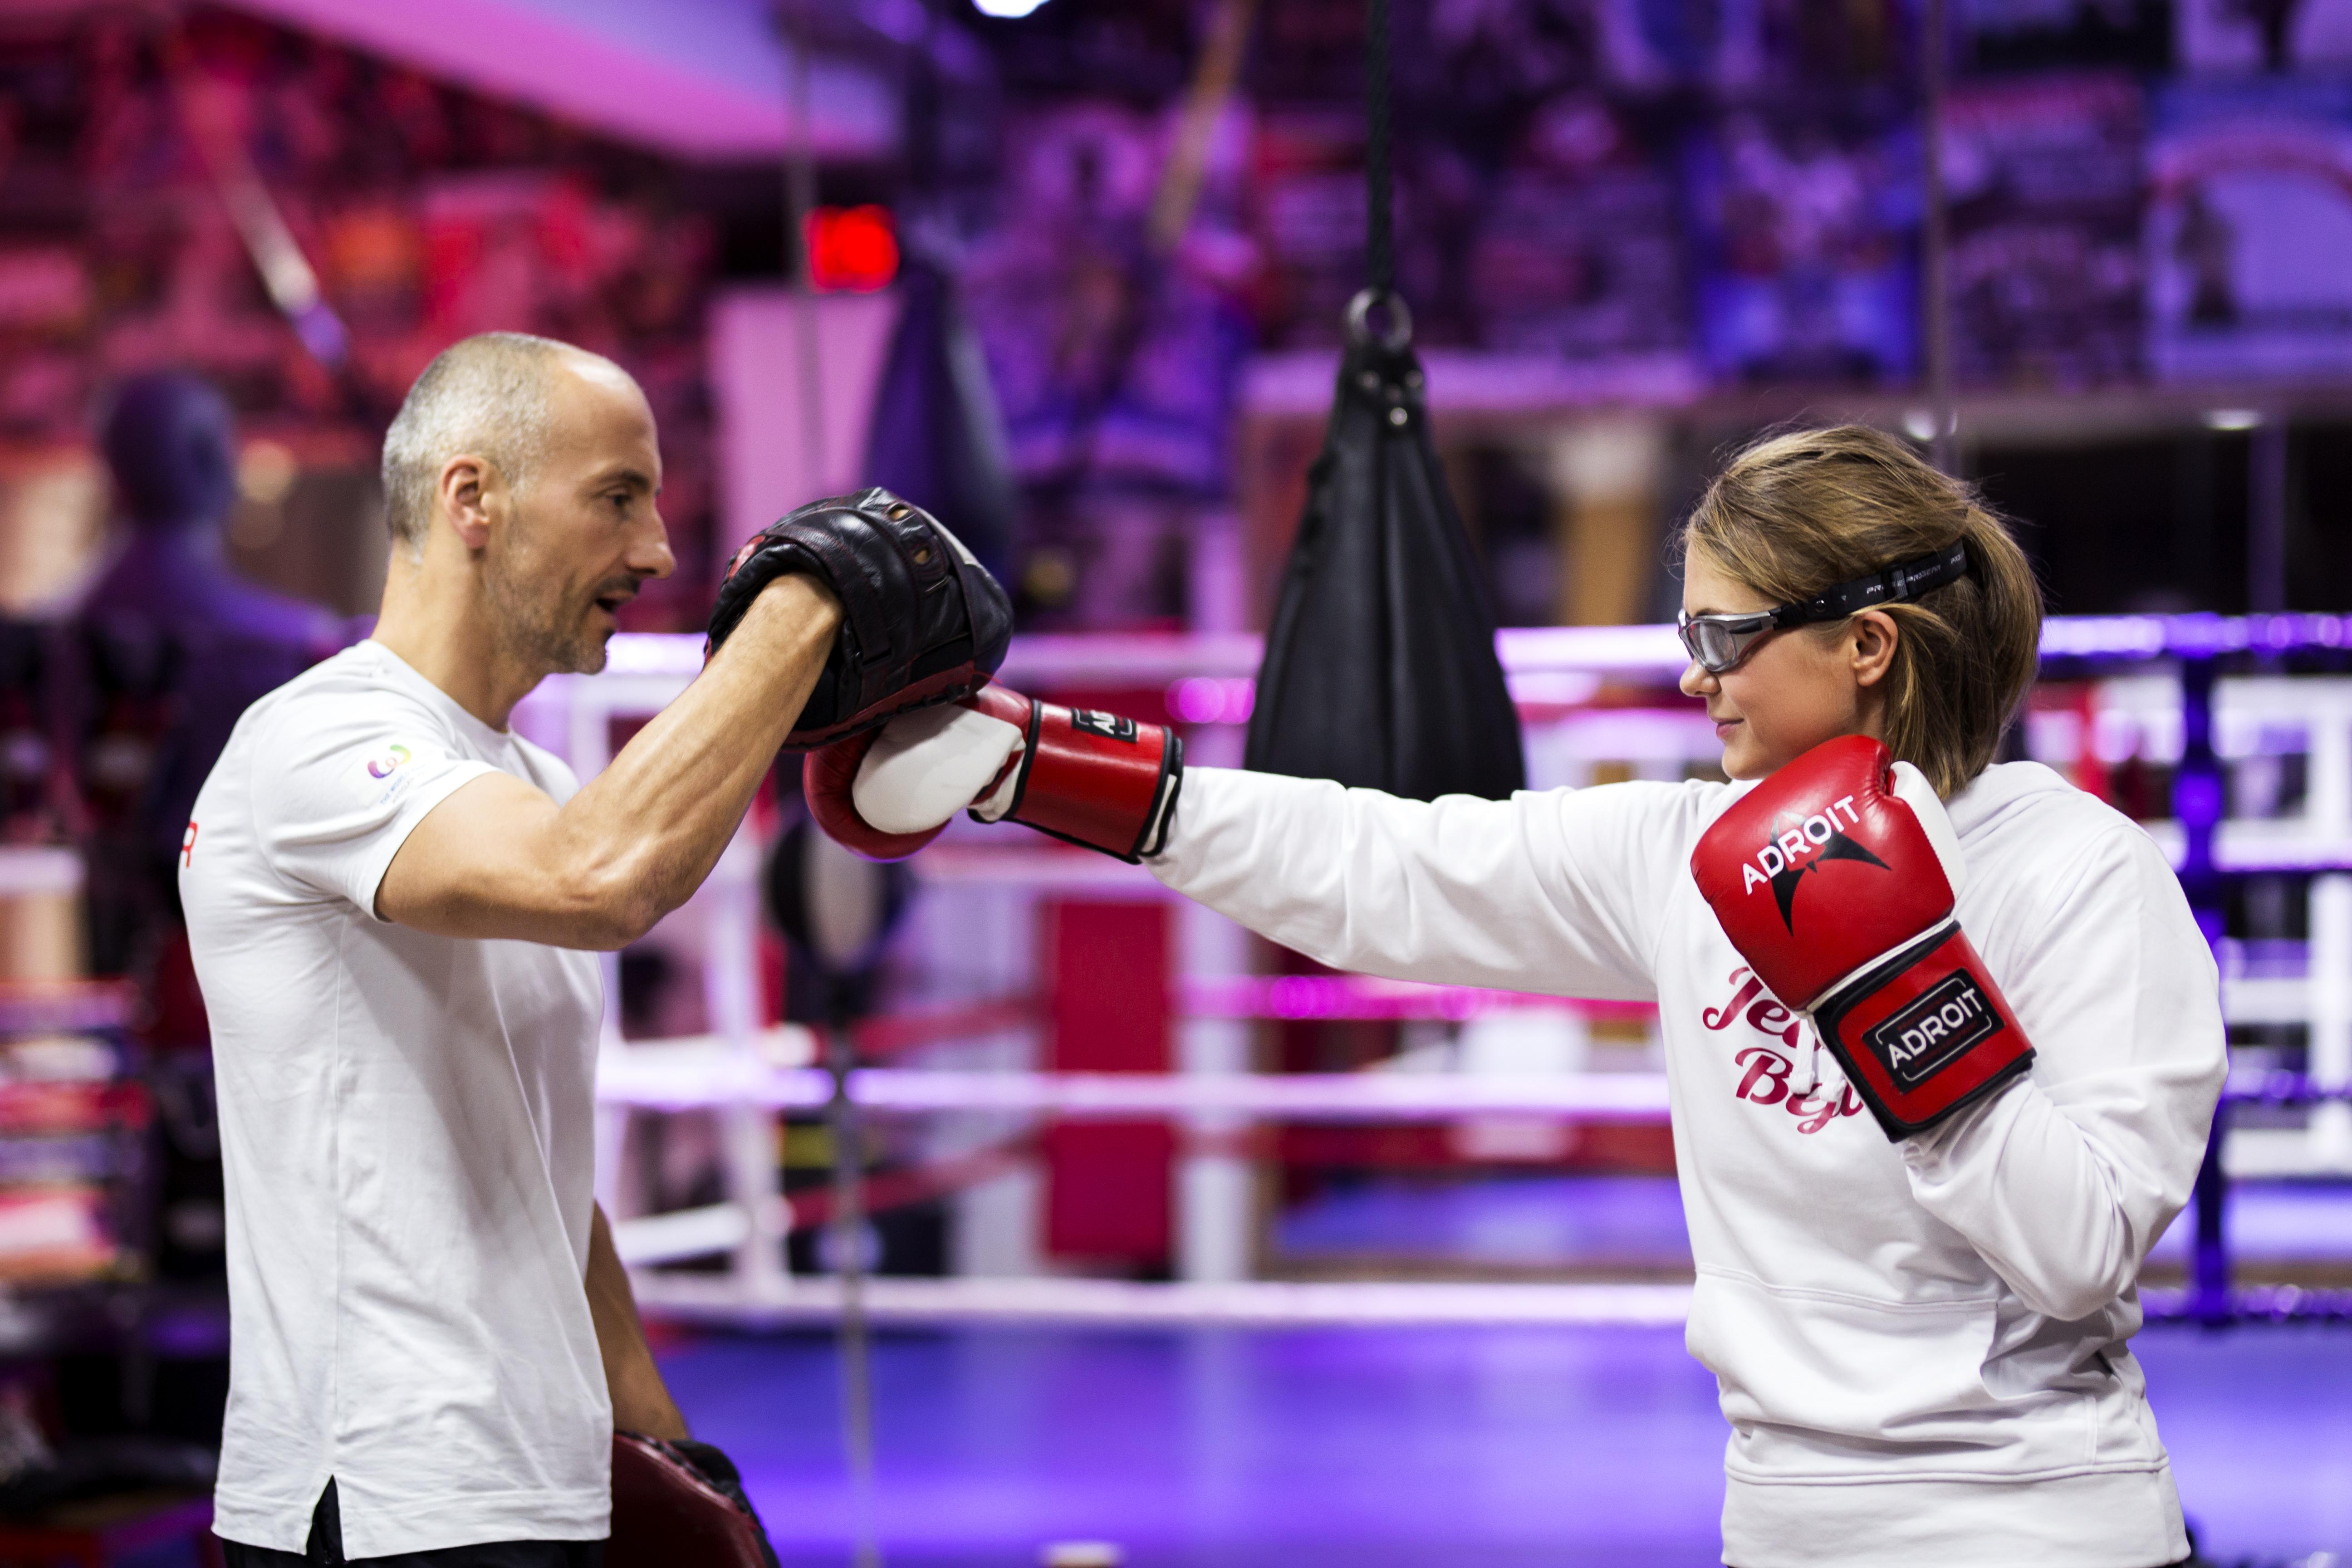 Trening ogólnorozwojowy z elementami boksu